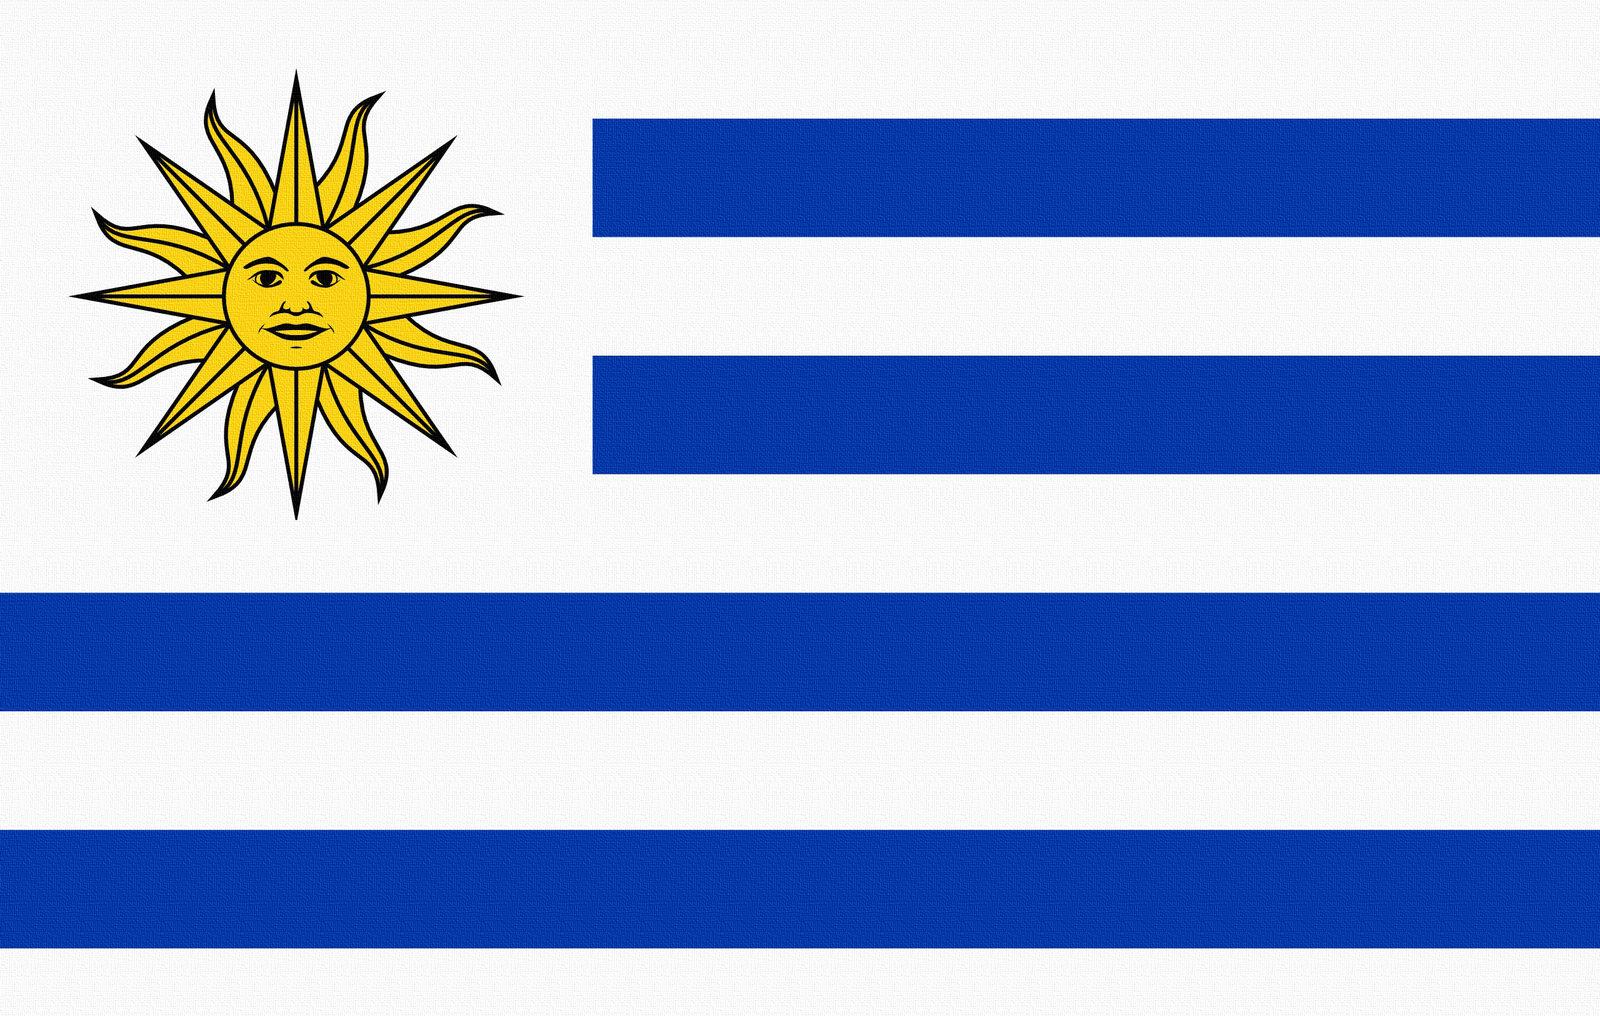 513384_urugvaj_solnce_flag_2560x1707_www.Gde-Fon.com